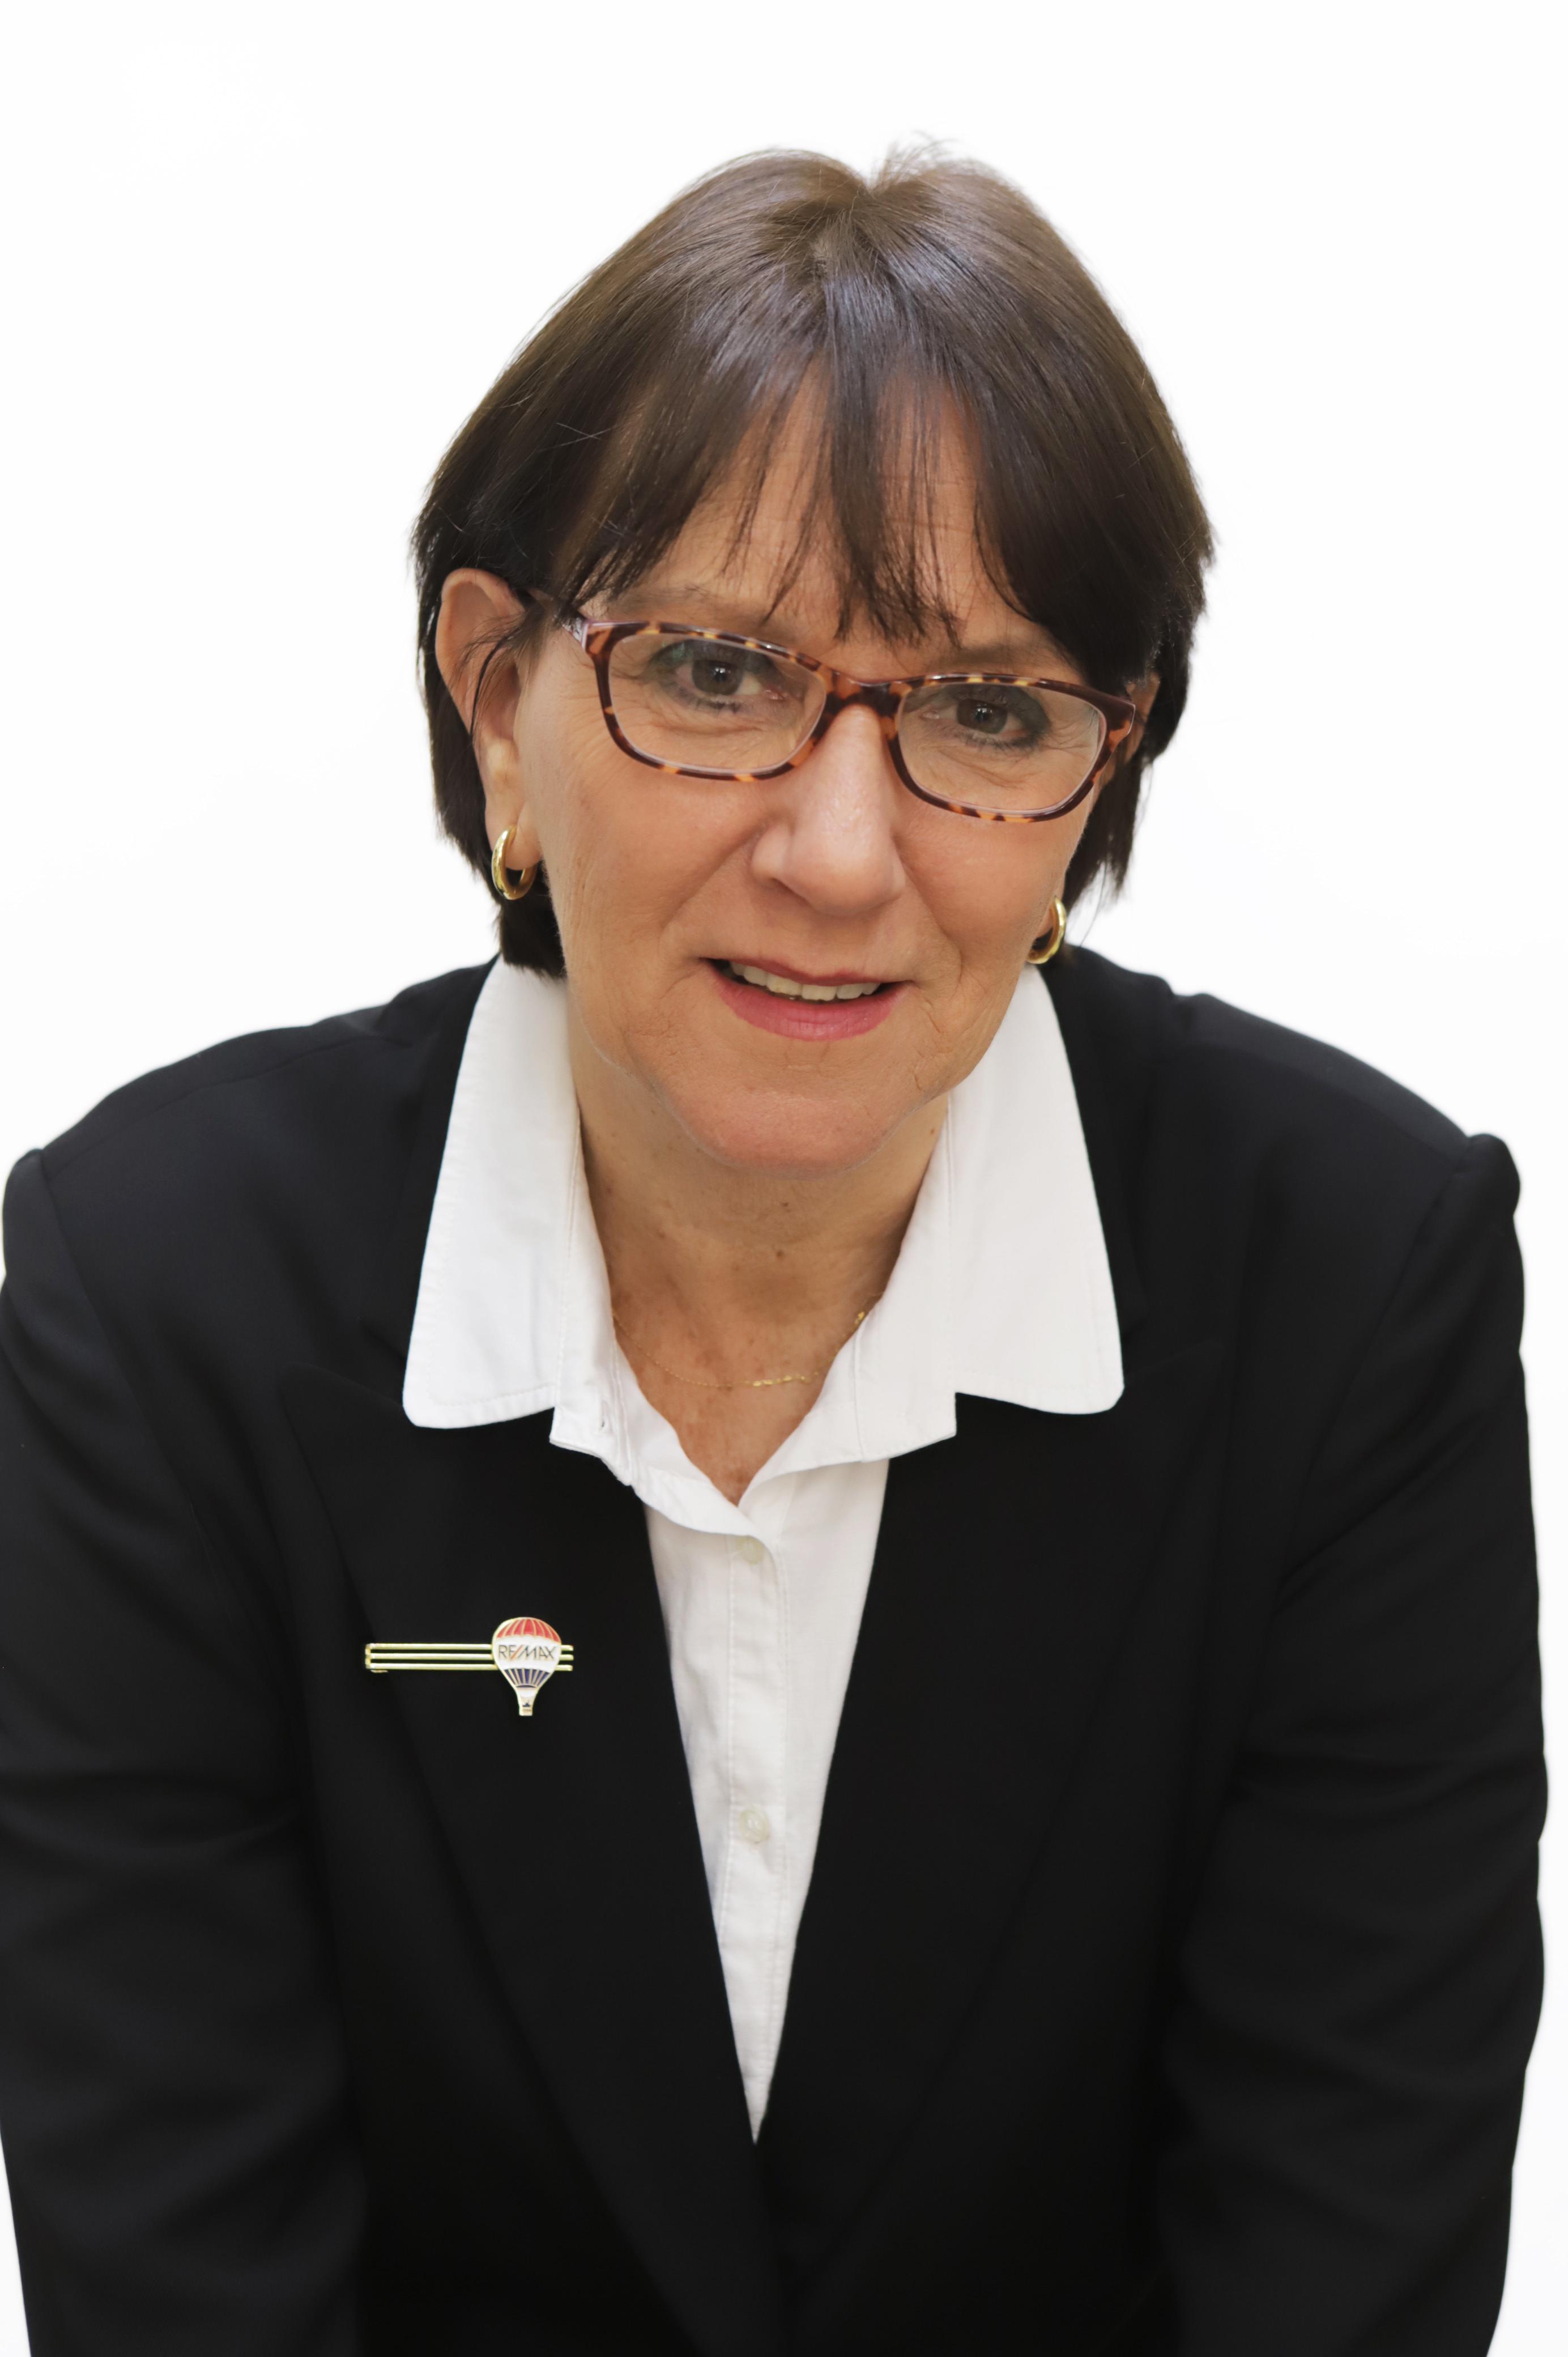 ליליאנה קאופמן